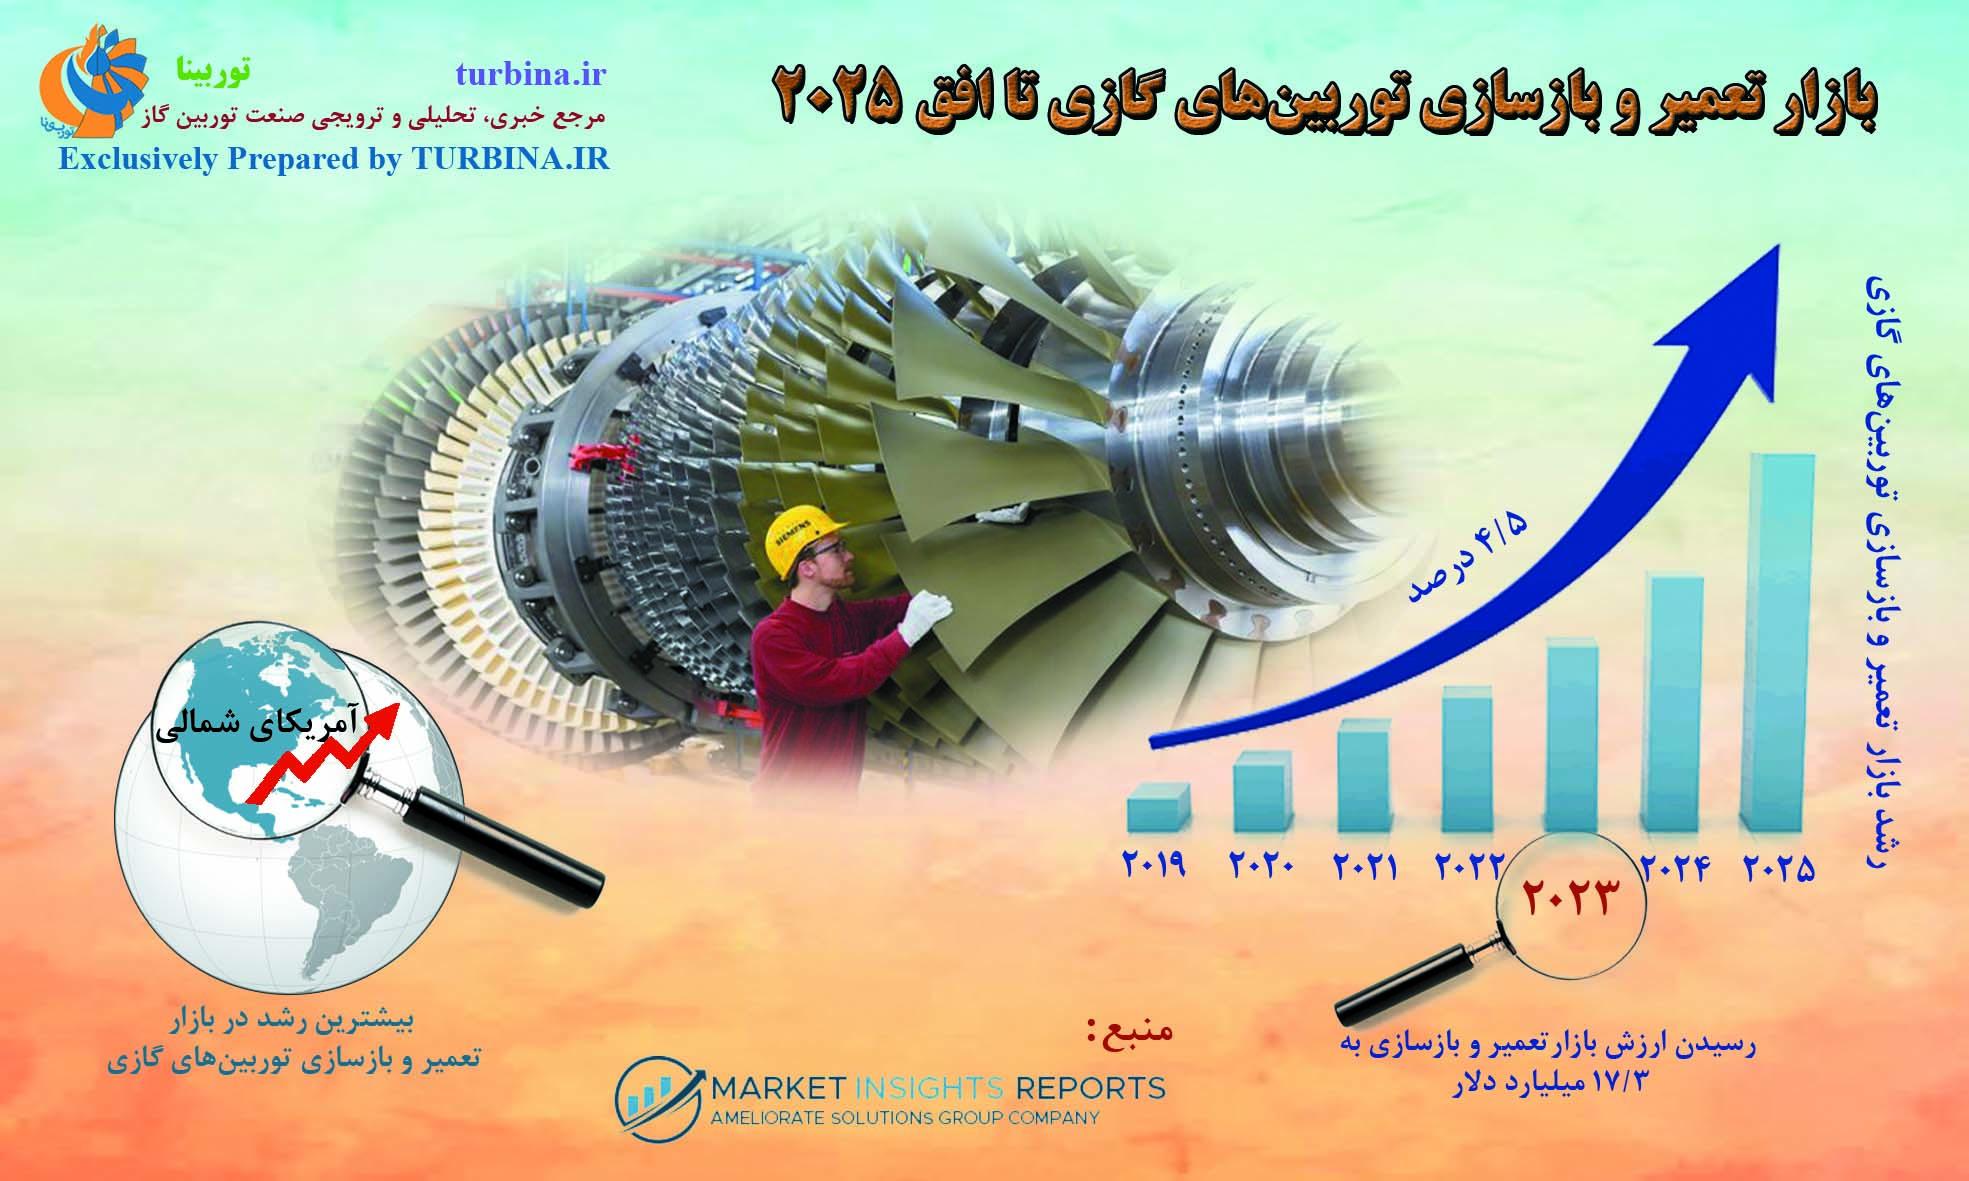 بازار تعمیر و بازسازی توربینهای گازی تا افق 2025